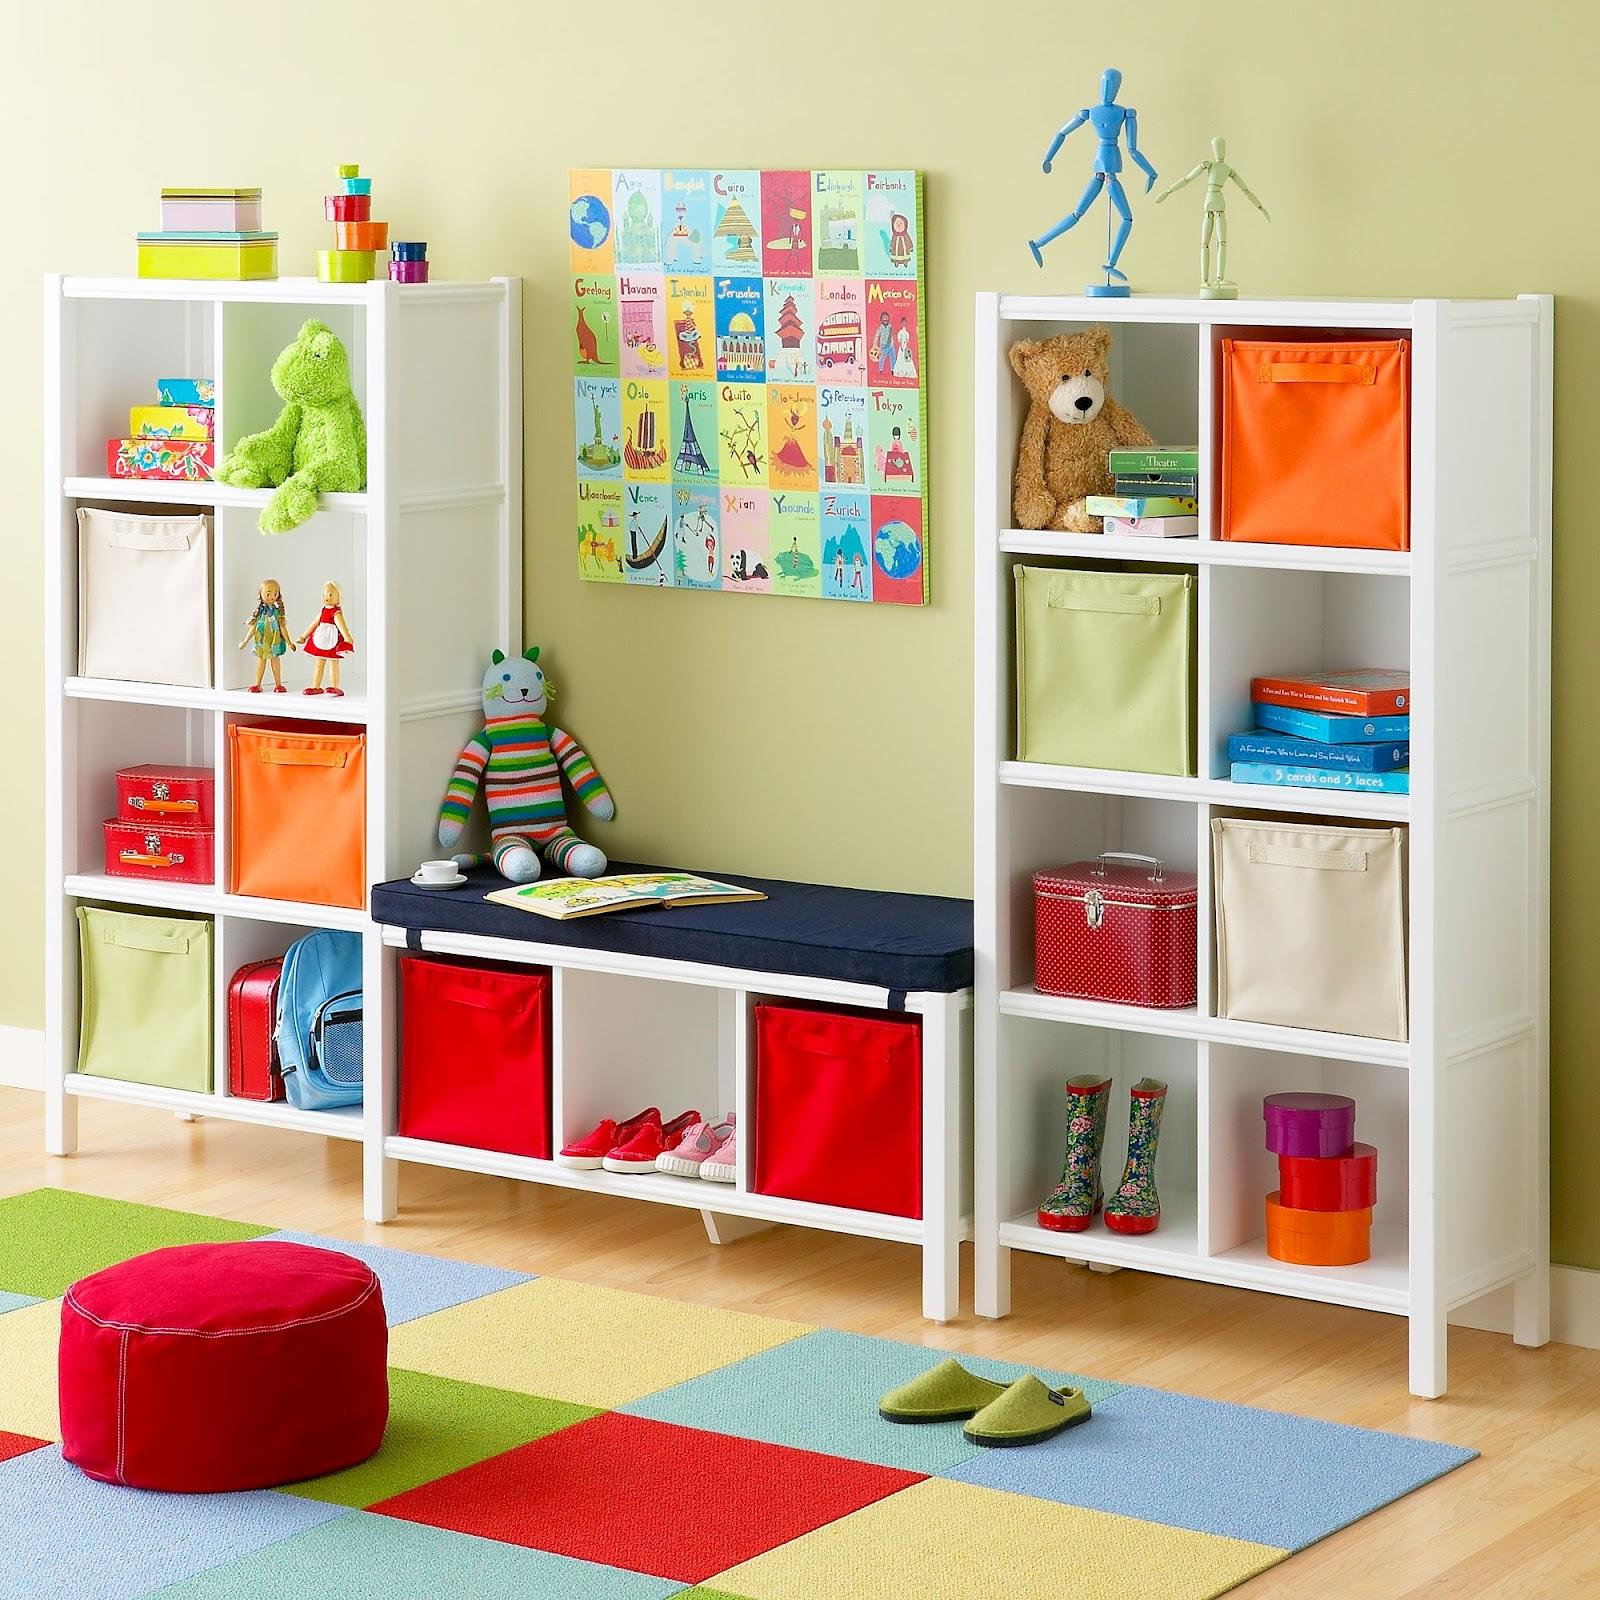 børn-storage-large